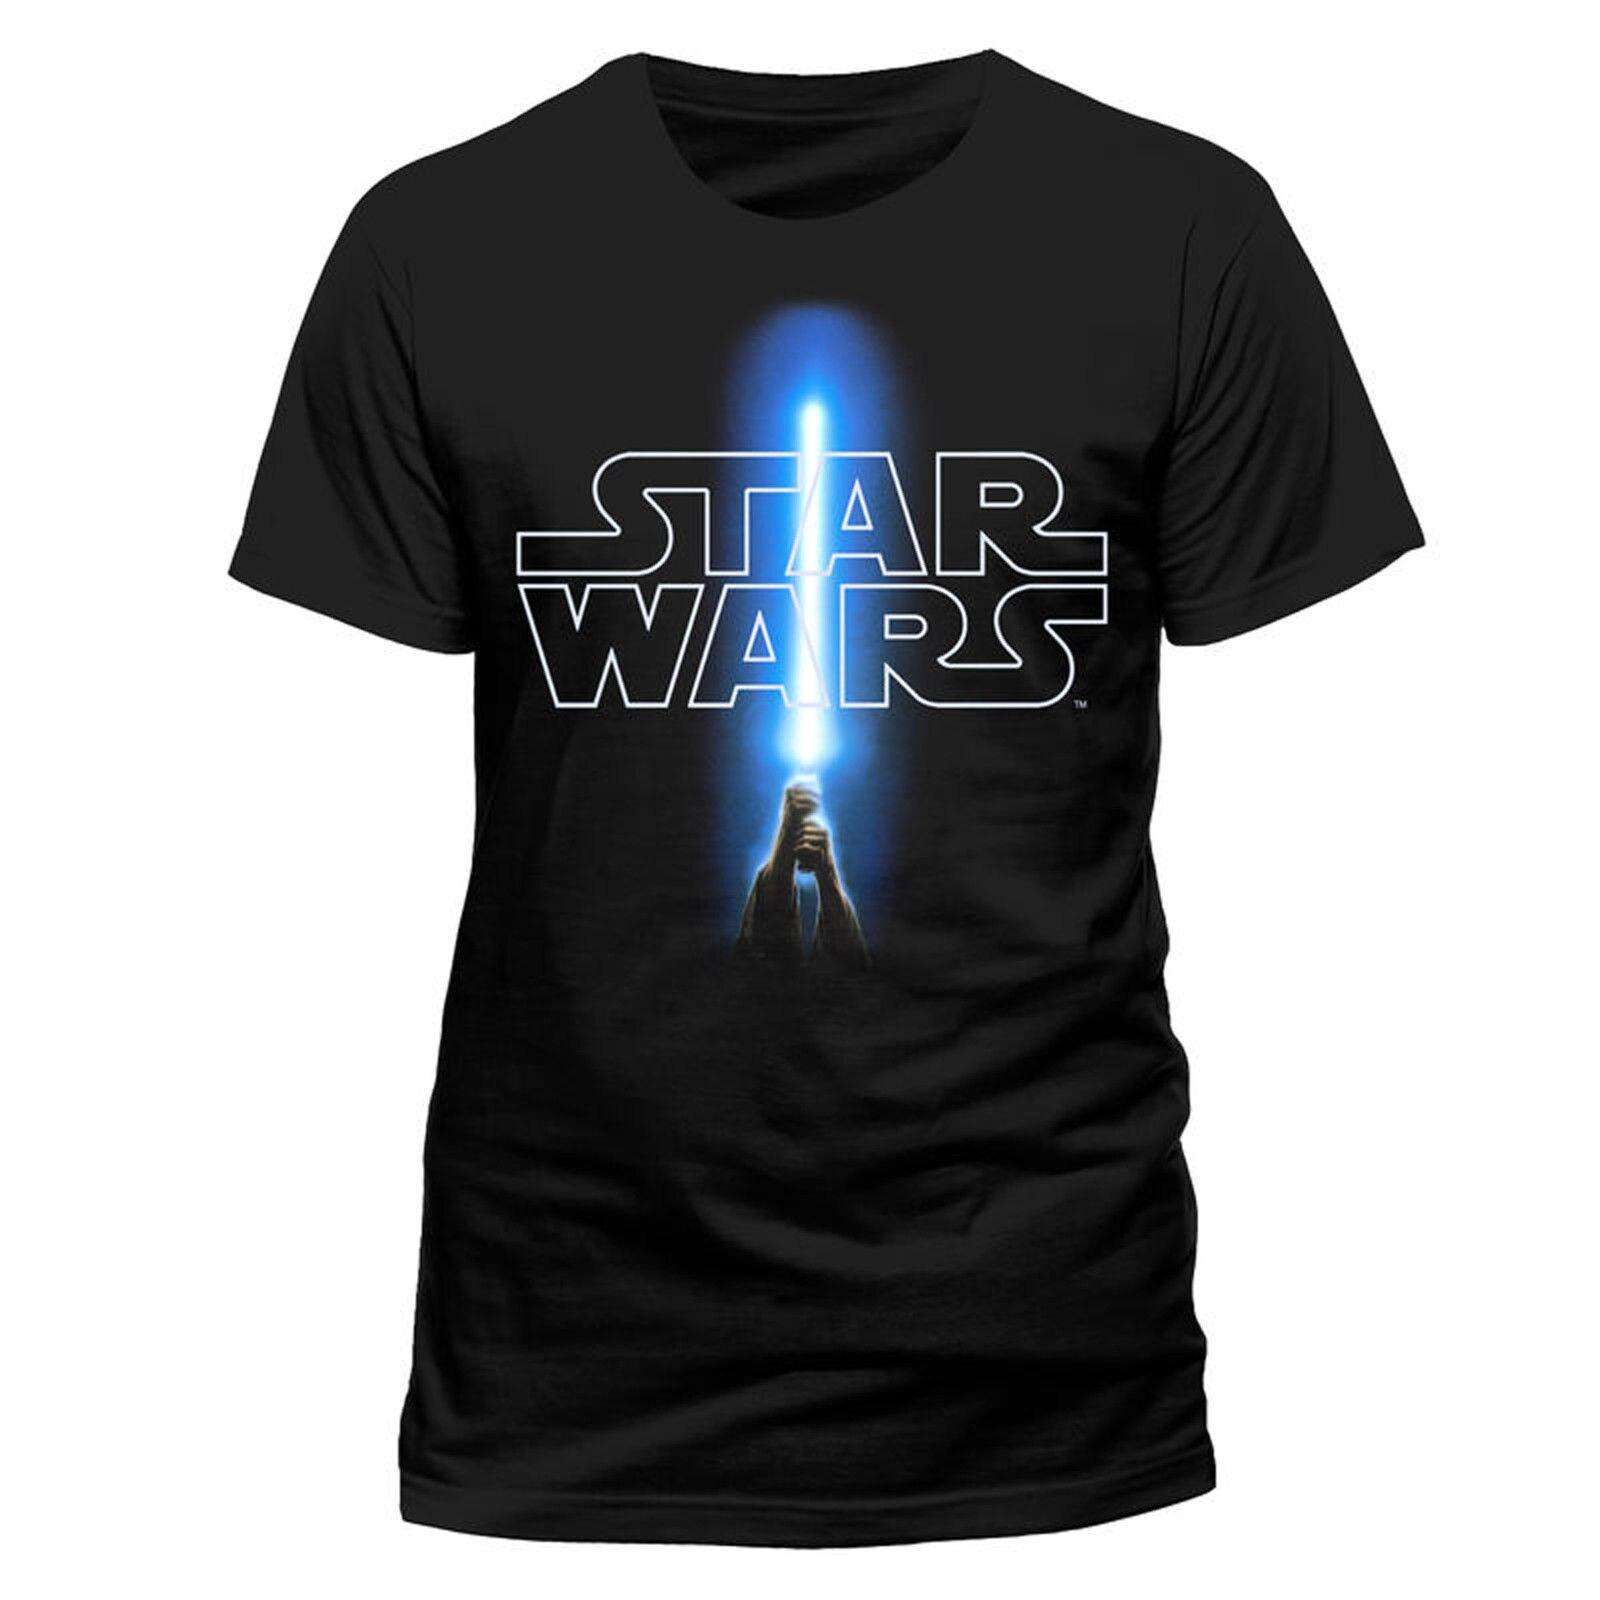 Star Wars Jedi Lightsaber Logo Luke Skywalker Official Tee T-Shirt Mens Unisex Casual Short Sleeve T Shirt Novelty